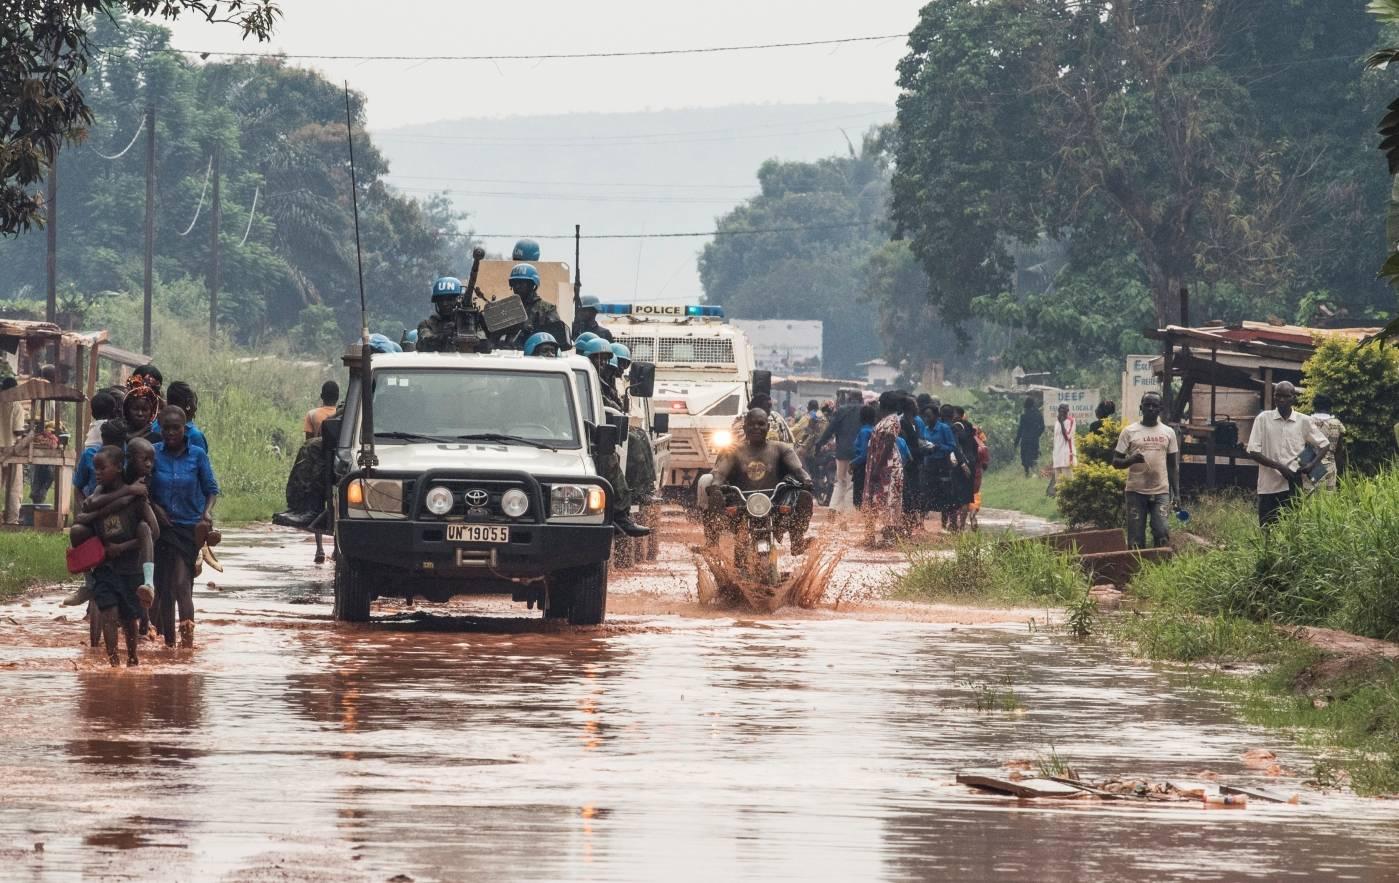 YK:n rauhanturvaajat partioivat Keski-Afrikan tasavallassa. Kuva: YK-kuva/Eskinder Debebe.